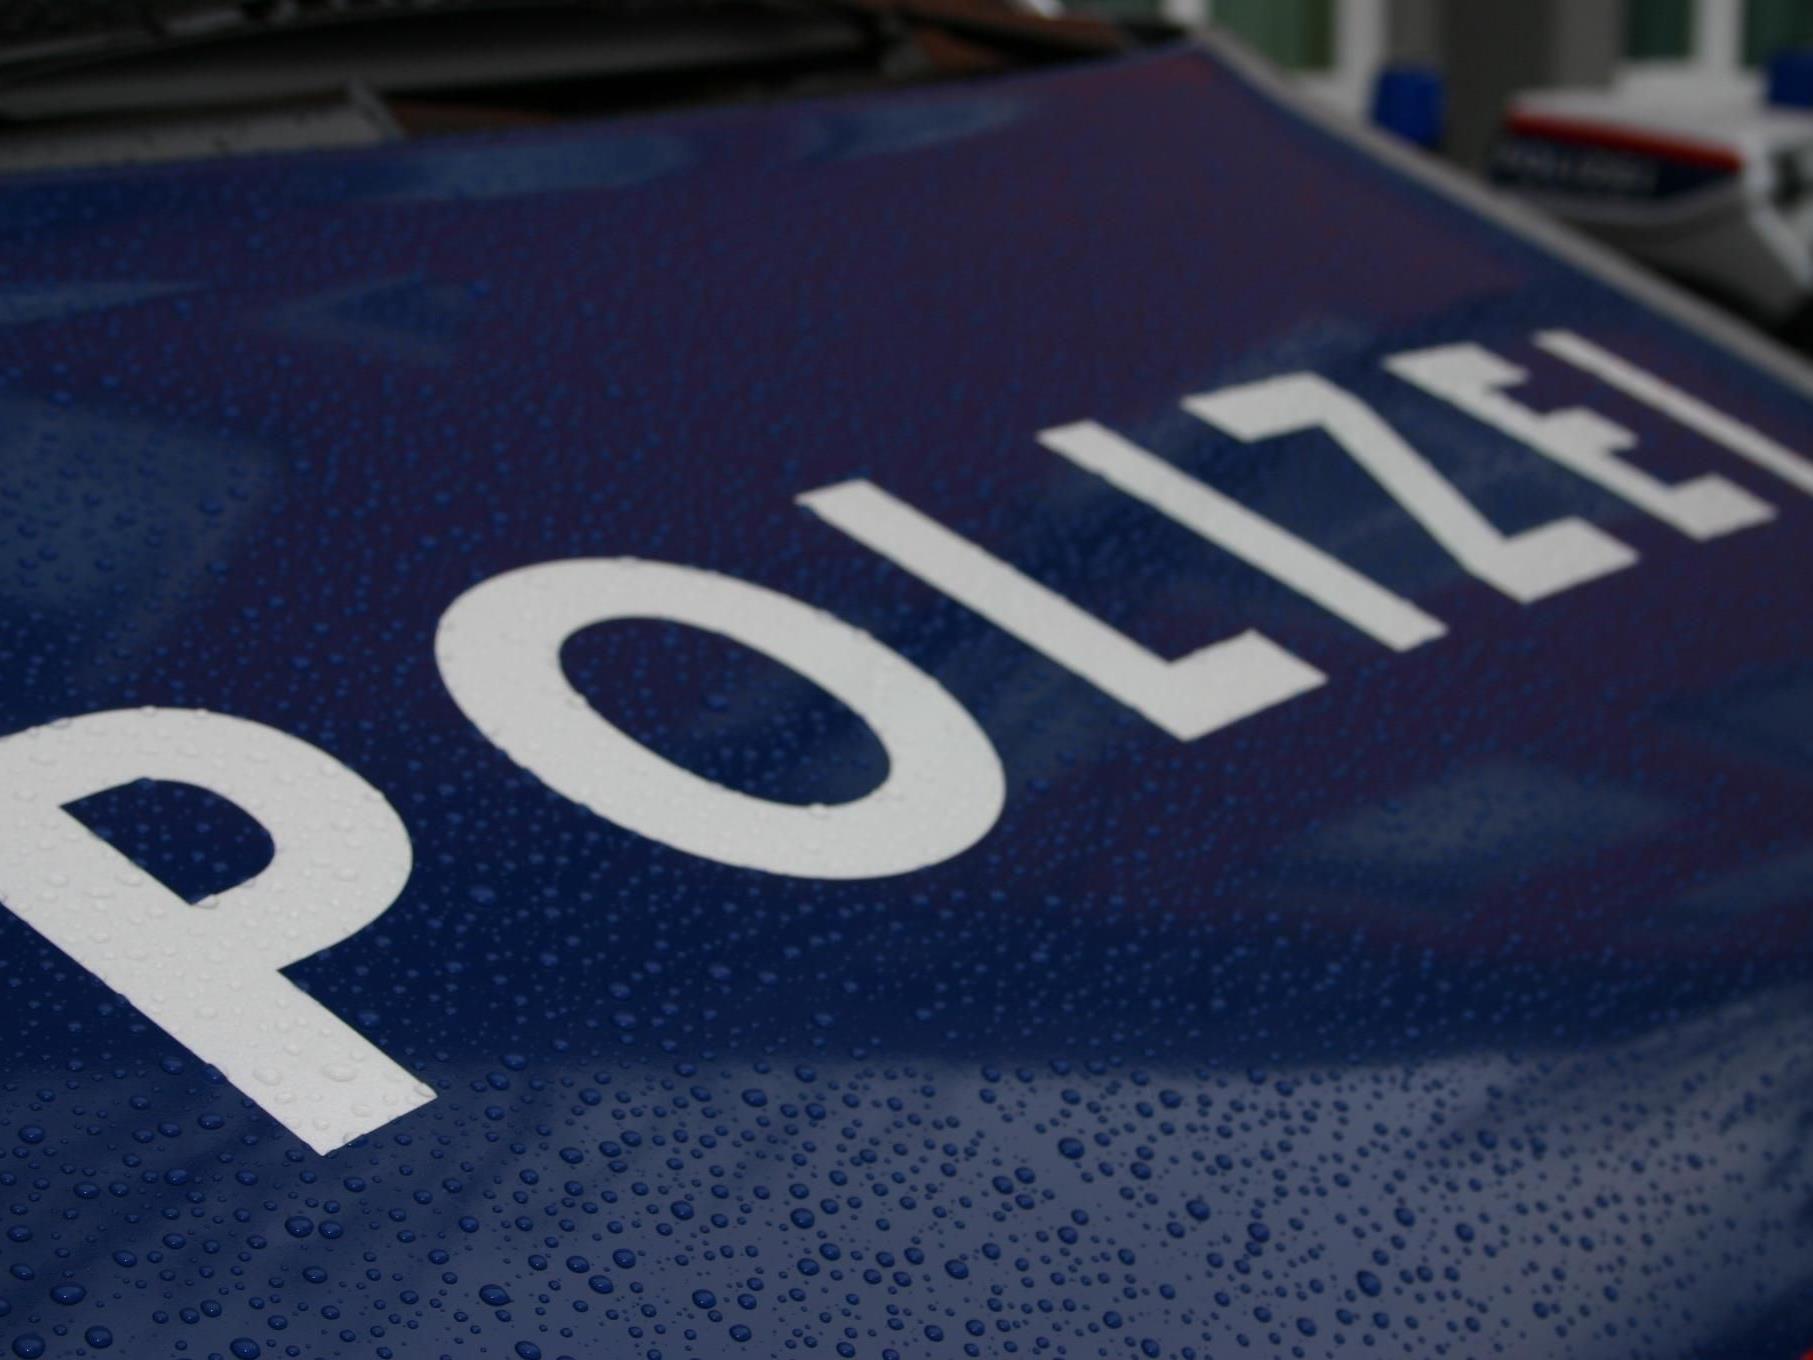 Alkotest ergab 2,08 Promille - Polizei erstattete nach Unfall Anzeige.